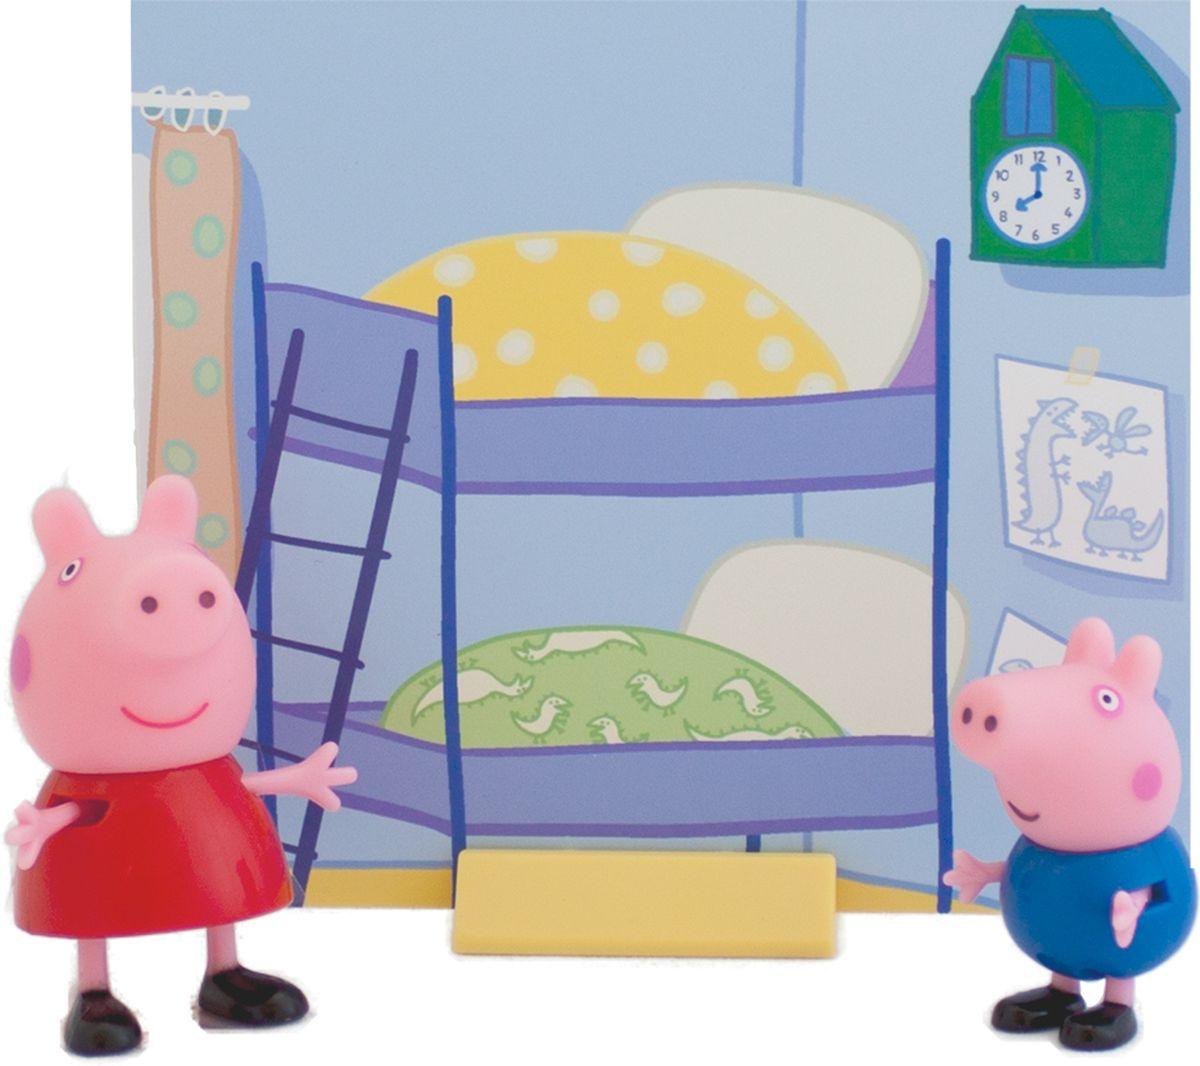 Peppa Pig Игровой набор Пеппа и Джордж игровой набор любимый персонаж peppa pig 4 фигурки в ассортименте свинка пеппа